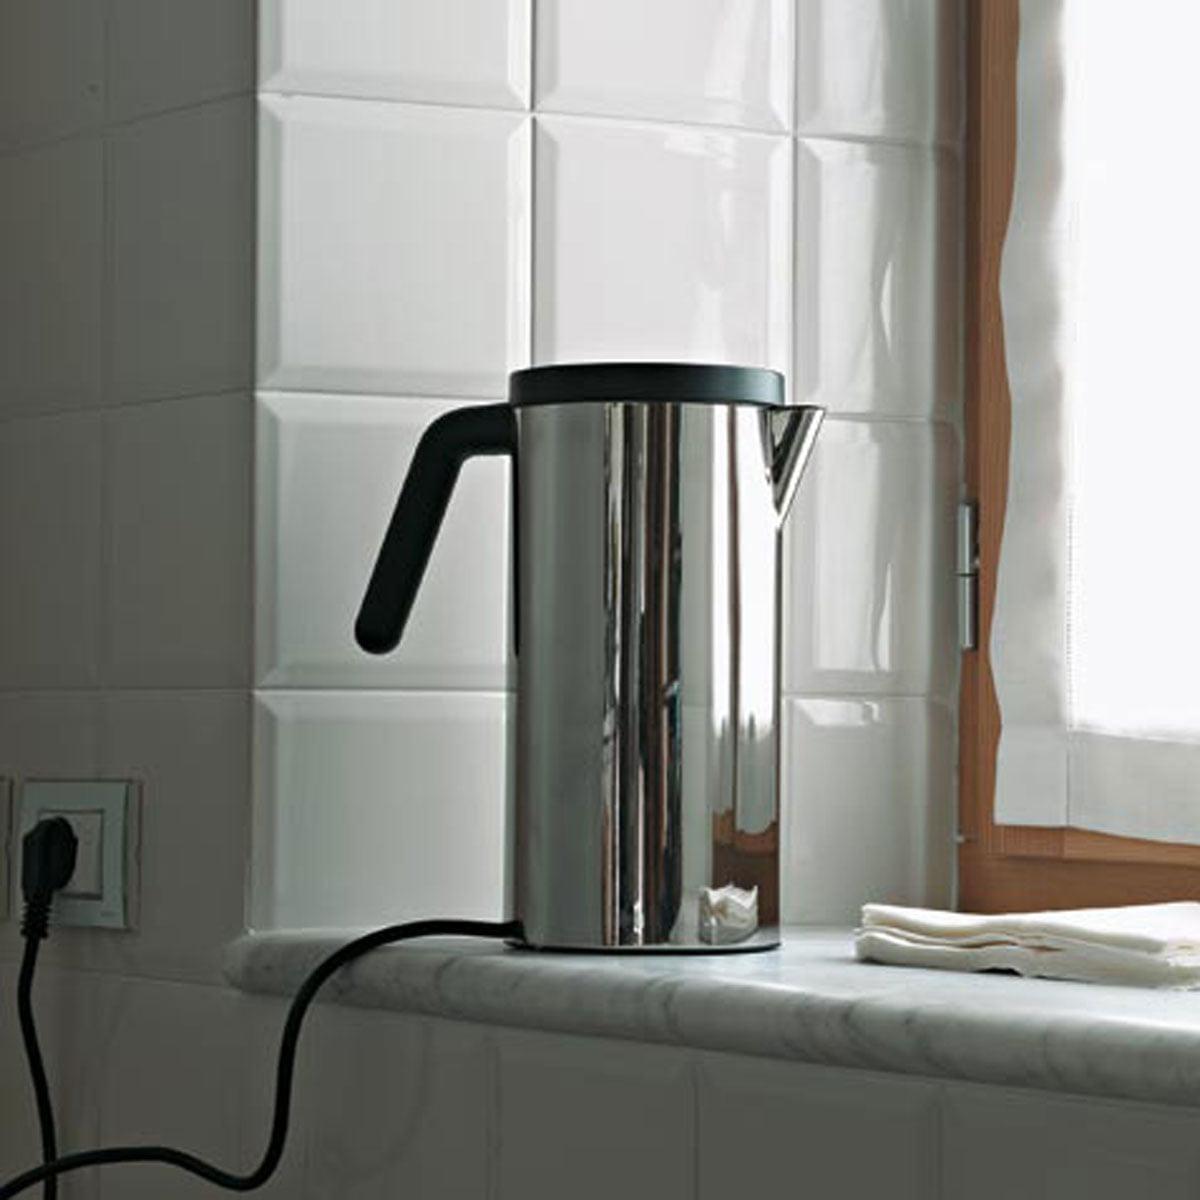 elektrischer wasserkocher von alessi. Black Bedroom Furniture Sets. Home Design Ideas